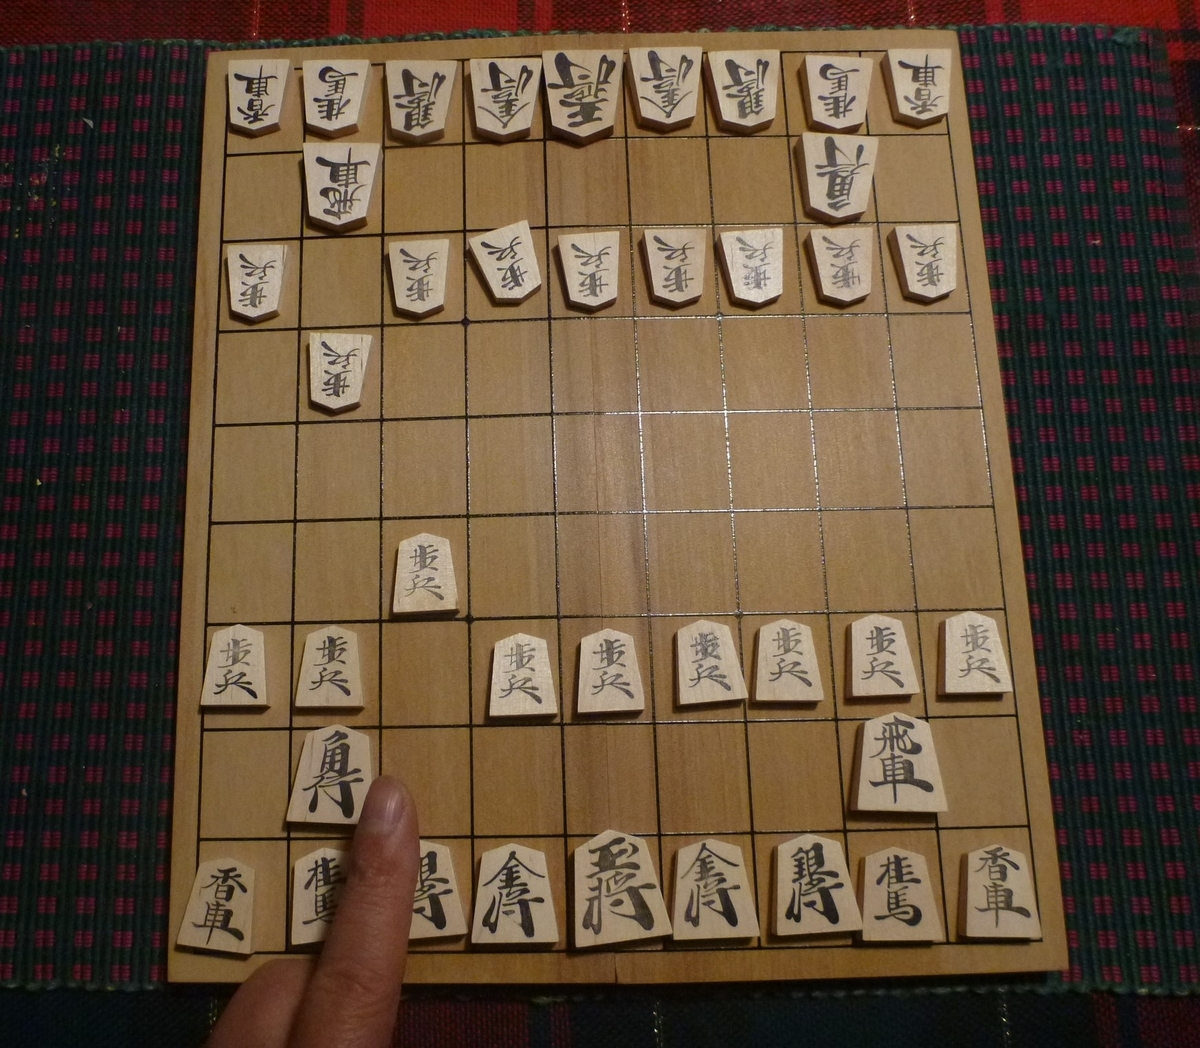 f:id:shiganosato-goto:20201123154044j:plain